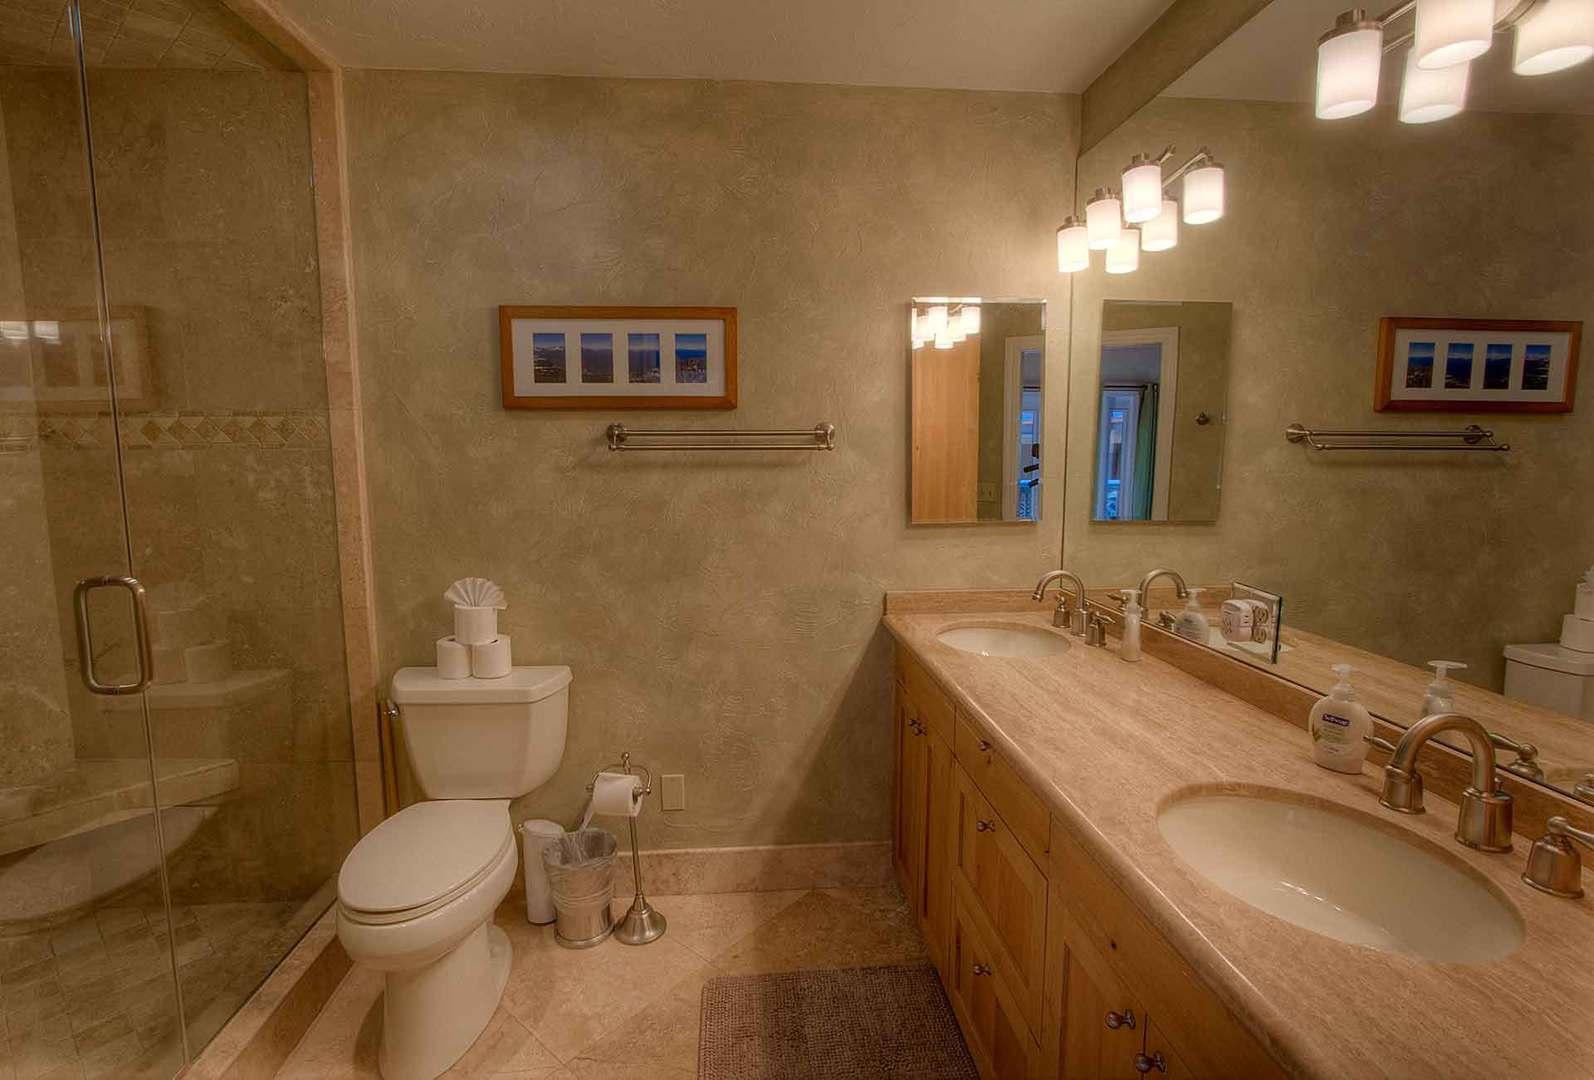 lvc0899 bathroom